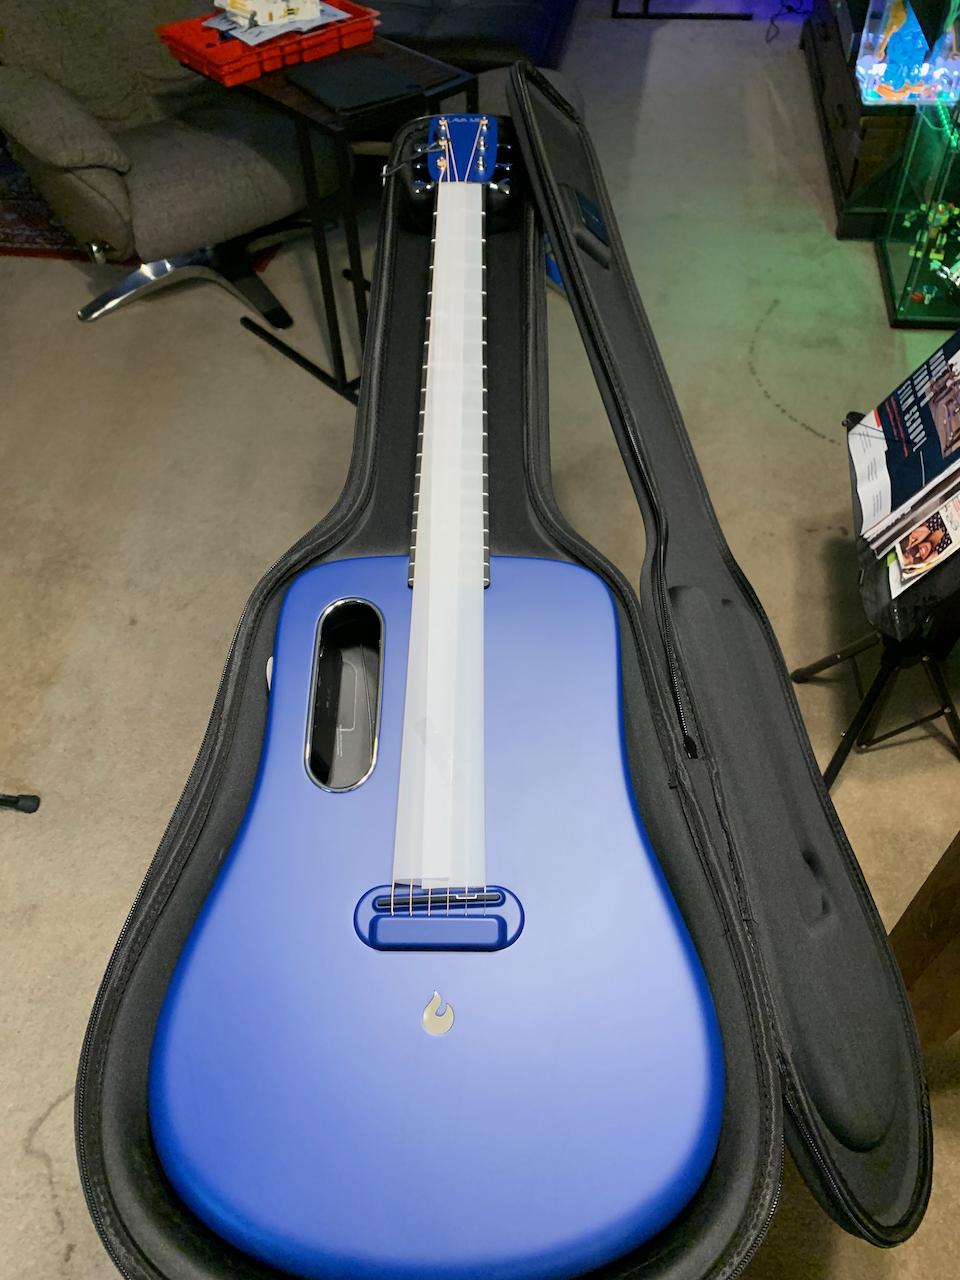 2021-07-21 Lava Me 2 Blue Guitar-12